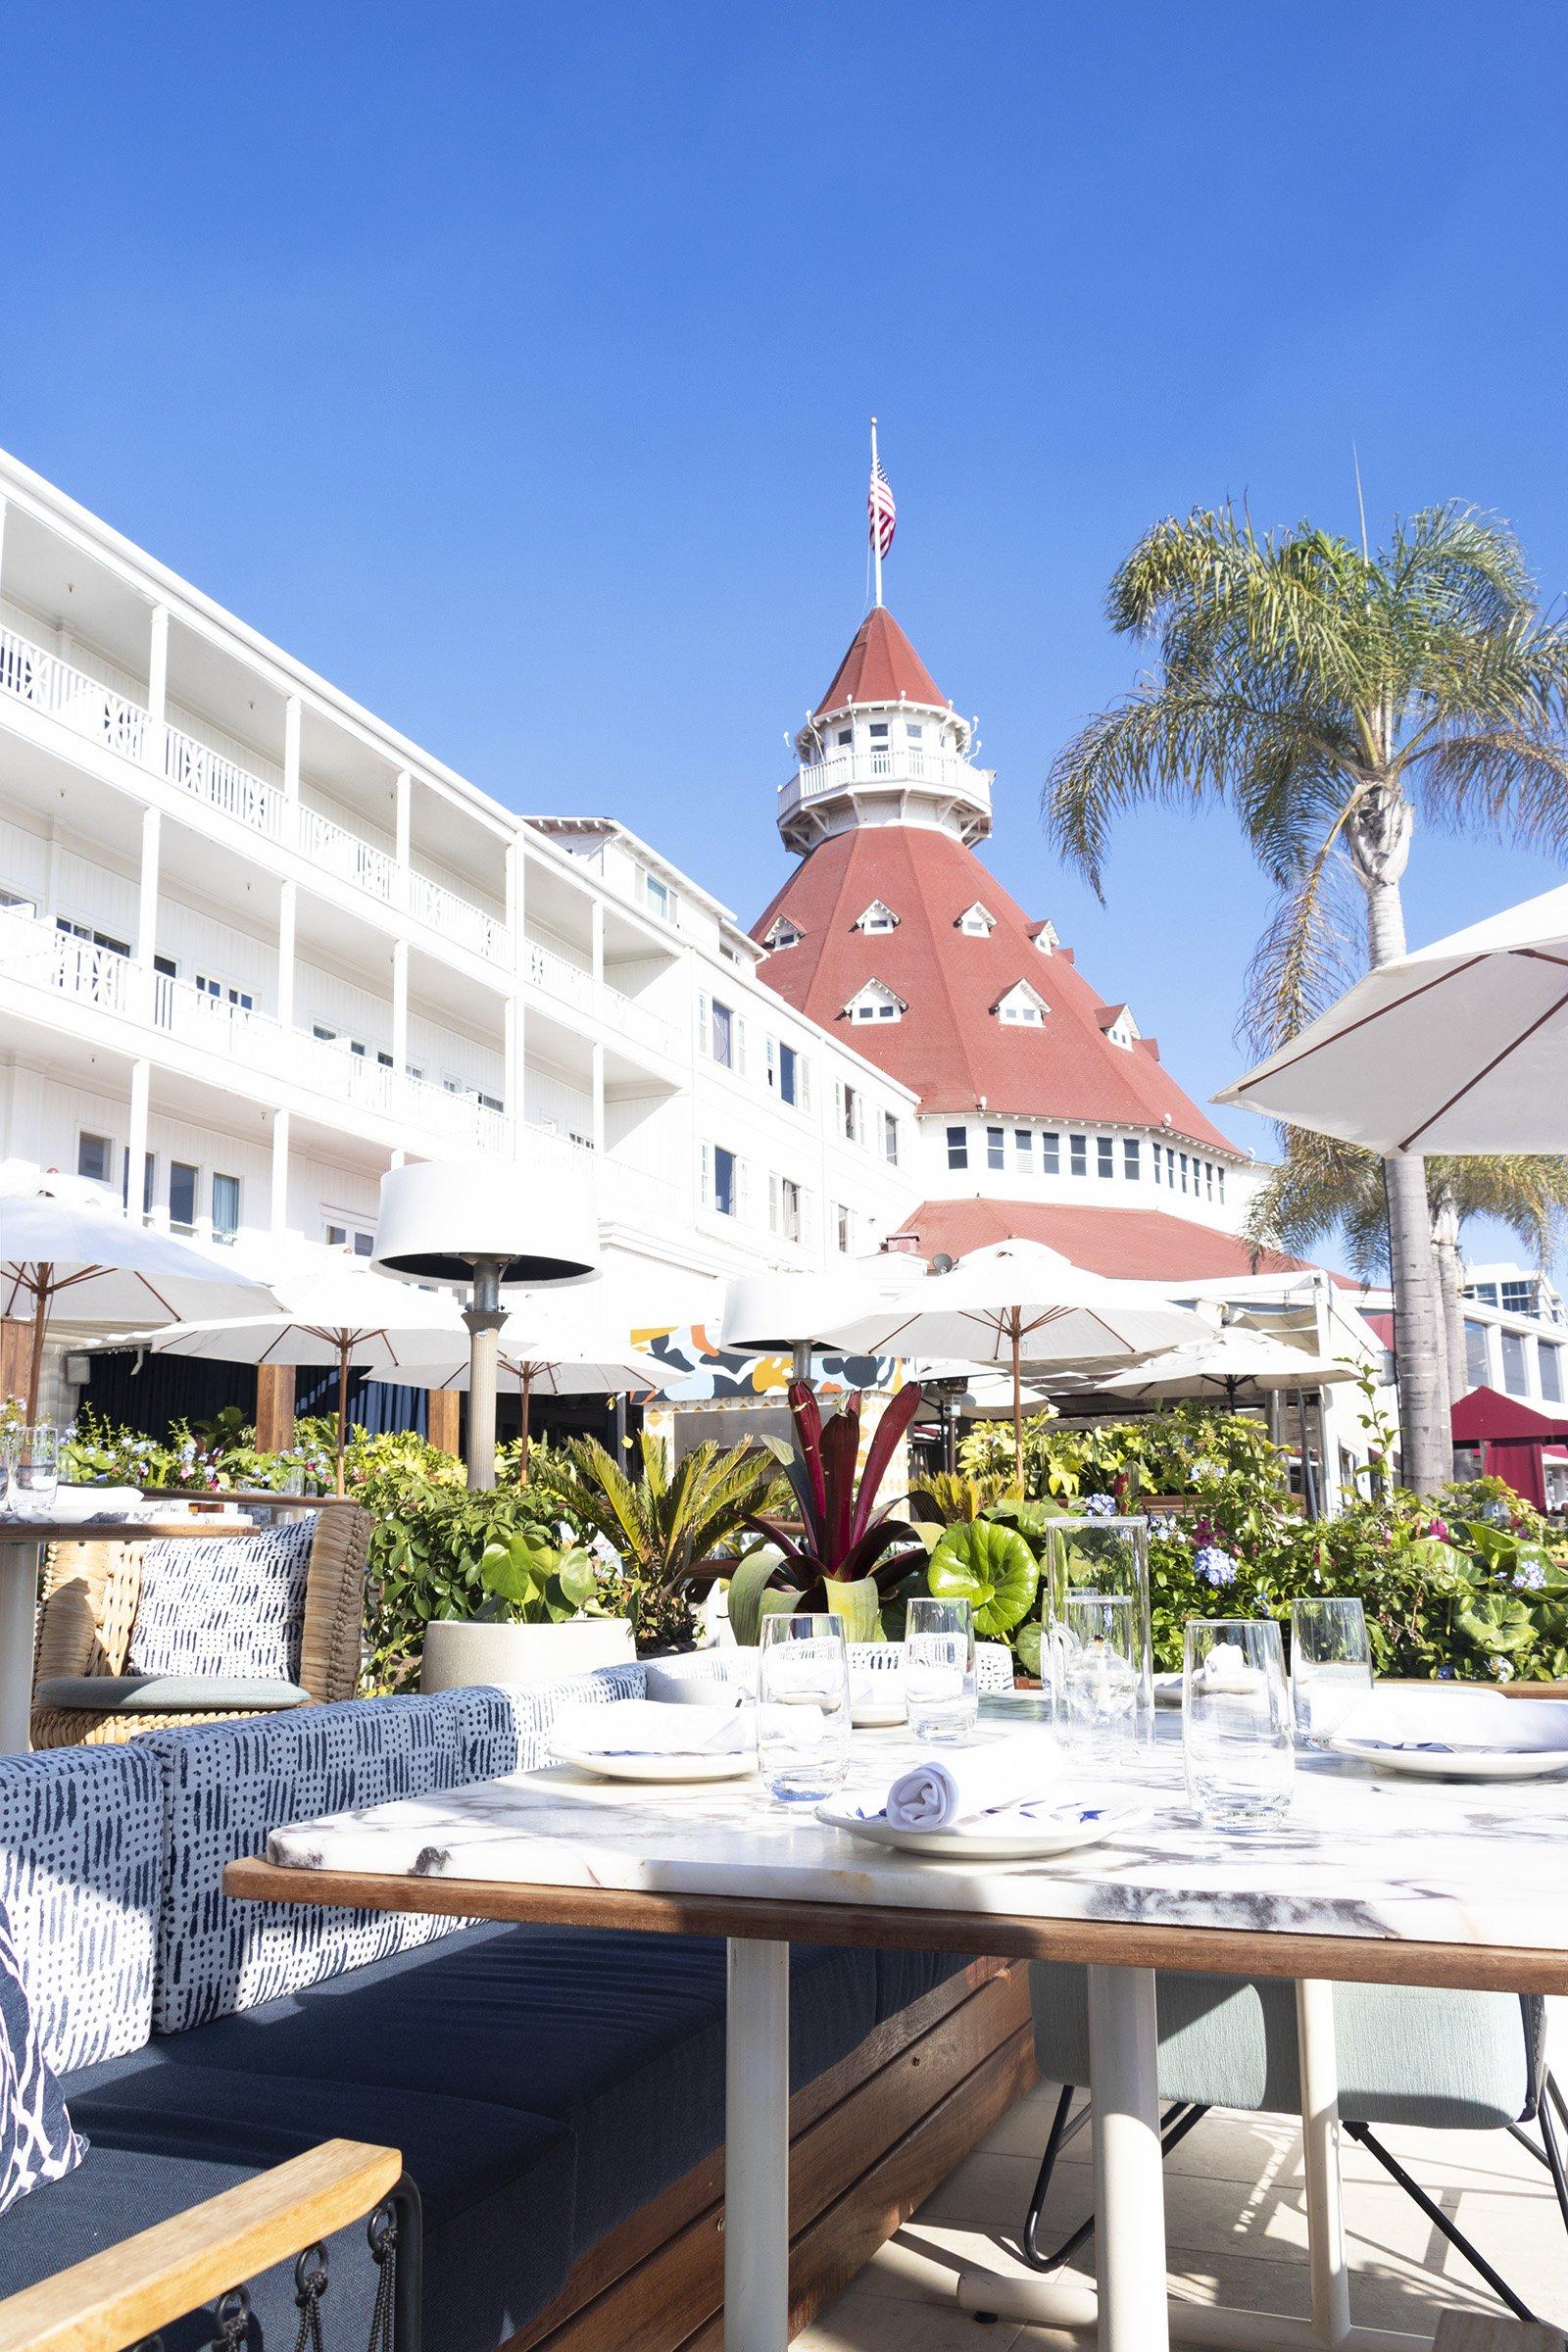 Hotel del Coronado restaurant